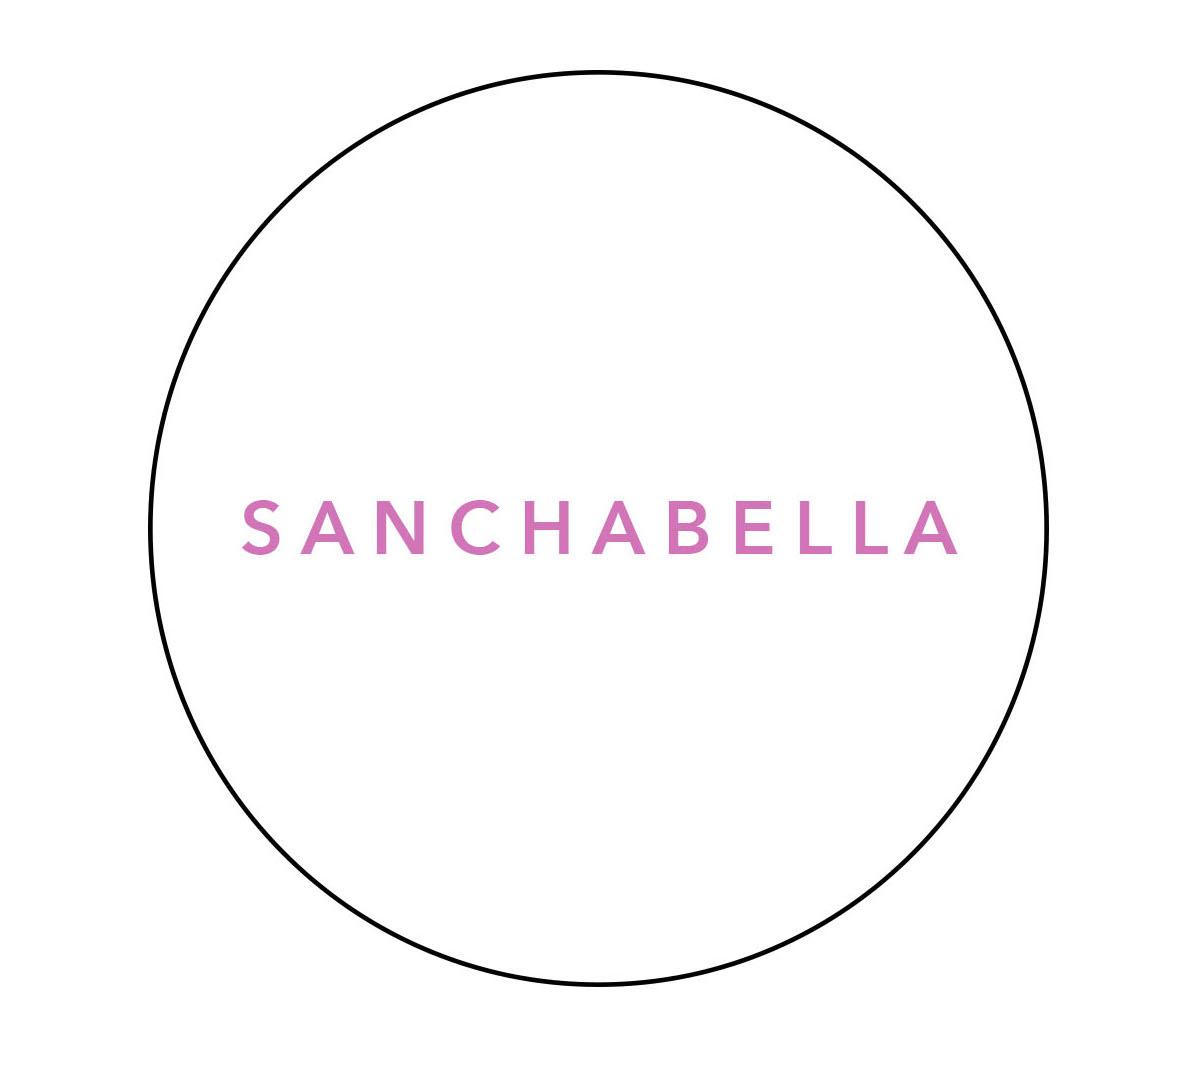 Sanchabella